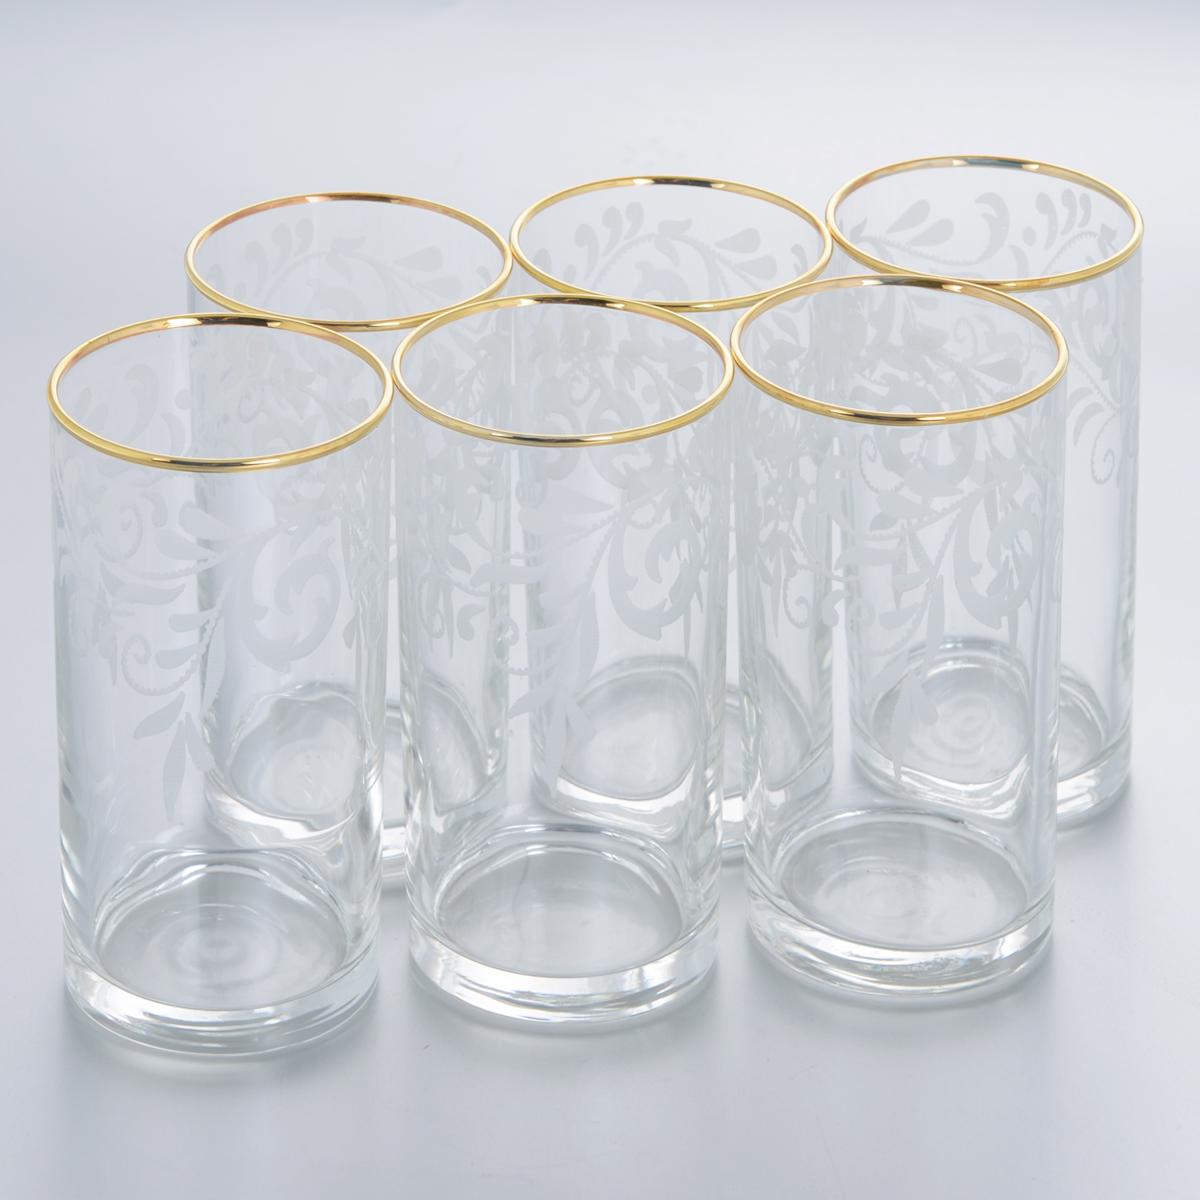 Набор стаканов для коктейлей Гусь-Хрустальный Веточка, 290 мл, 6 штEL10-402Набор Гусь-Хрустальный Веточка состоит из 6 высоких стаканов, изготовленных из высококачественного натрий-кальций-силикатного стекла. Изделия оформлены красивым зеркальным покрытием и белым матовым орнаментом. Стаканы предназначены для подачи коктейлей, а также воды и сока. Такой набор прекрасно дополнит праздничный стол и станет желанным подарком в любом доме. Разрешается мыть в посудомоечной машине. Диаметр стакана (по верхнему краю): 6 см. Высота стакана: 12,5 см.